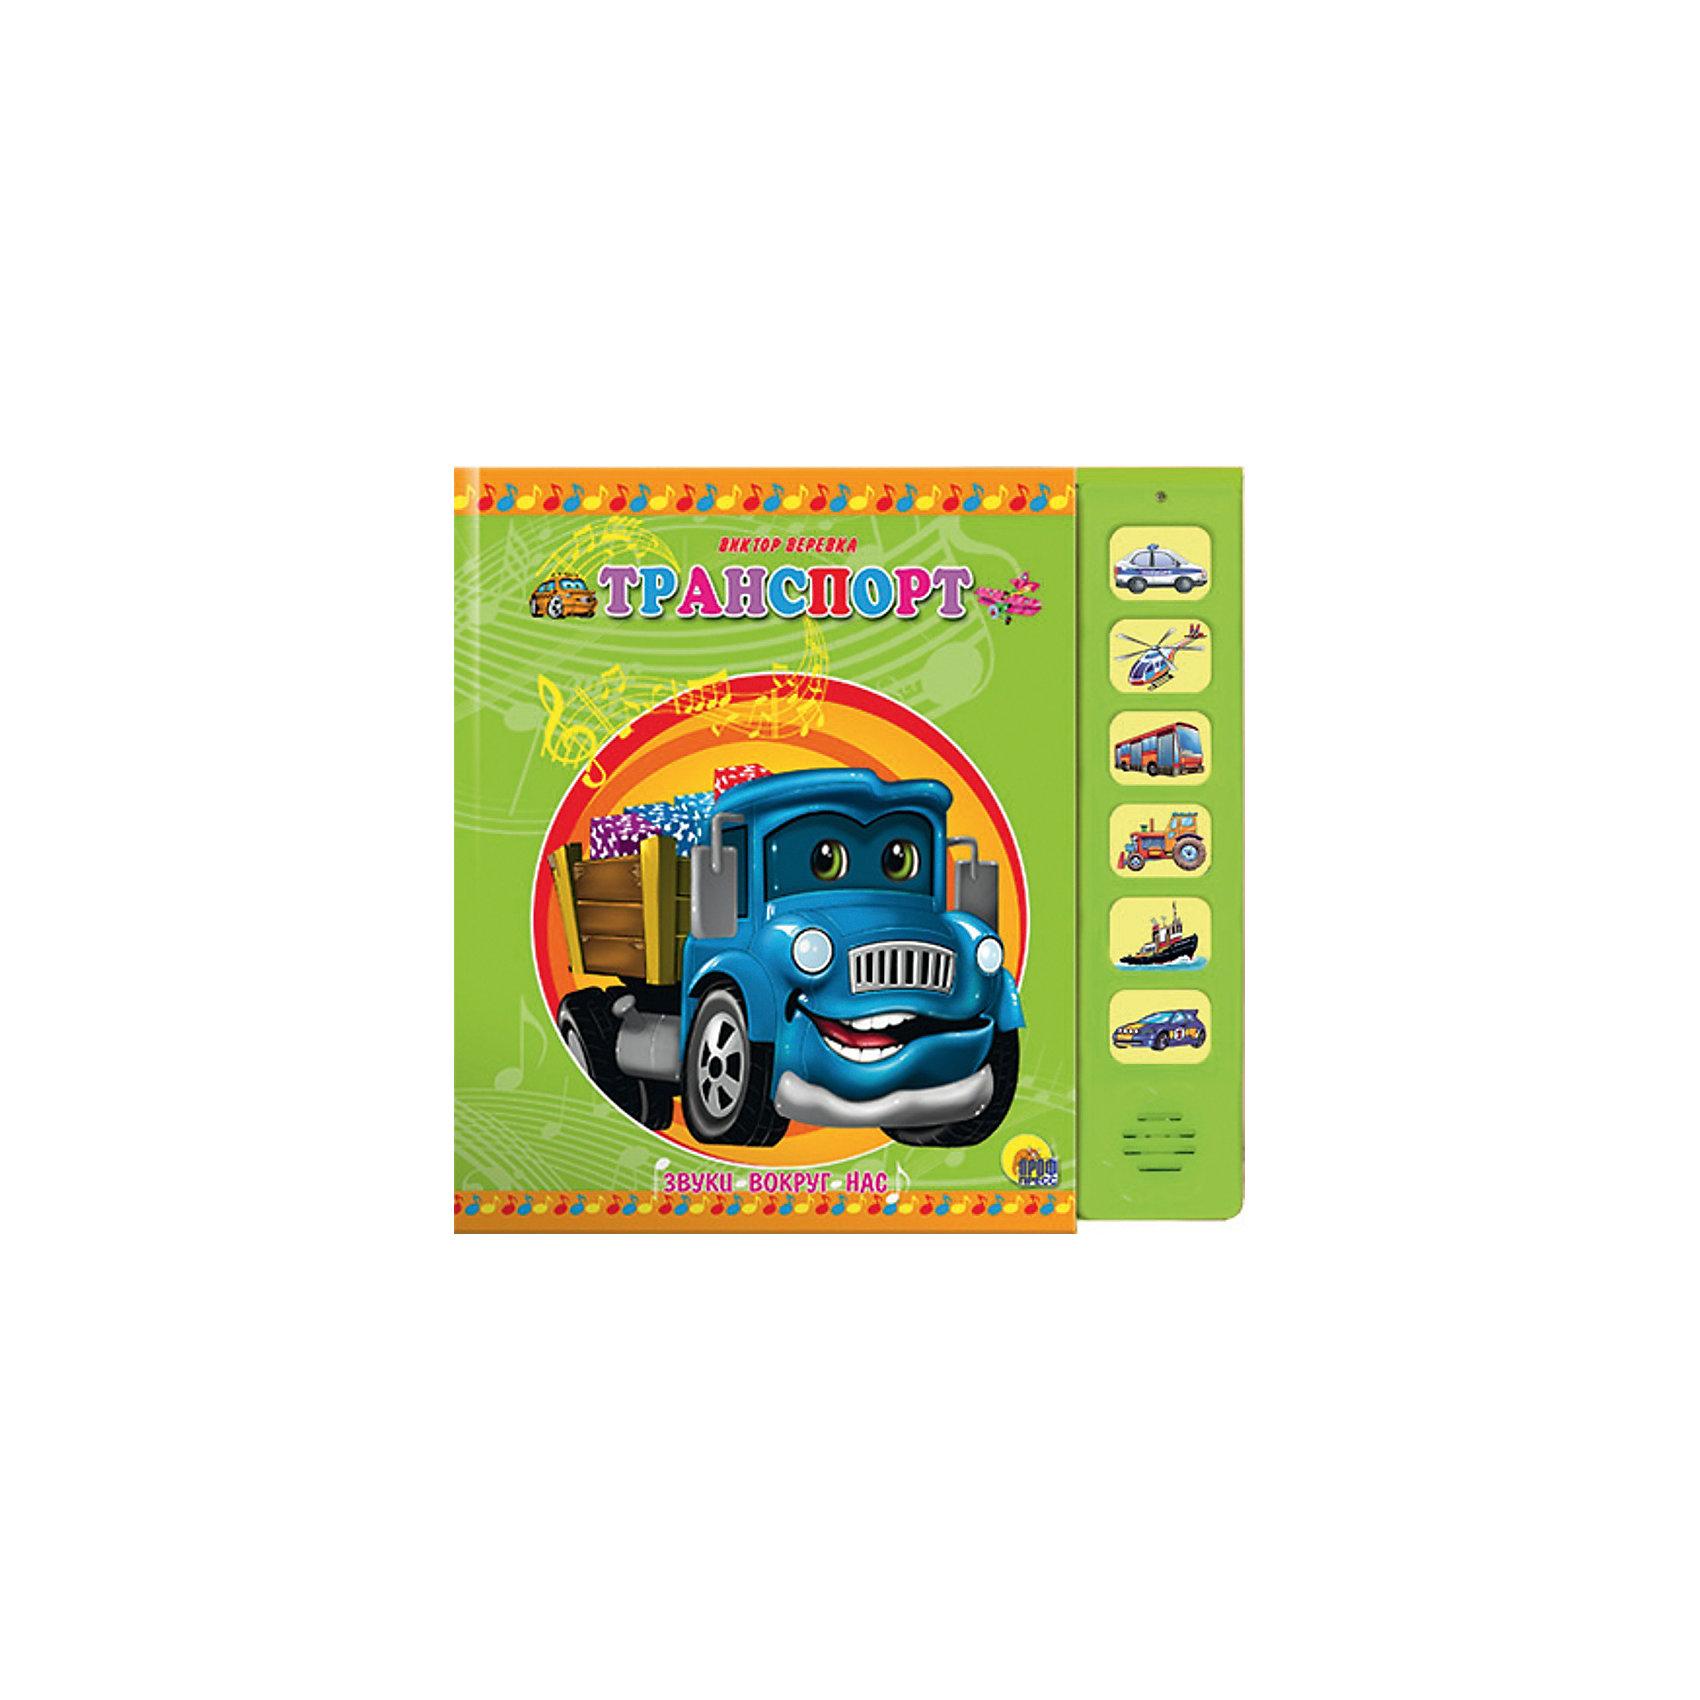 Транспорт, Звуки вокруг насМузыкальные книги<br>Серия книг  Звуки вокруг нас поможет ребенку научиться соотносить звуки и предметы или животных, которые их издают. Книги - это лучший подарок не только взрослым, они помогают детям познавать мир и учиться читать, также книги позволяют ребенку весело проводить время. Они также стимулируют развитие воображения, логики и творческого мышления.<br>Это издание сделано специально для самых маленьких - с плотными страничками, стихами и звуковым модулем. Яркие картинки обязательно понравятся малышам! Книга сделана из качественных и безопасных для детей материалов.<br>  <br>Дополнительная информация:<br><br>материал: картон; <br>размер: 22х22 см;<br>страниц: 12;<br>вес: 400 г;<br>батарейки: 3 шт. типа AG10 (входят в комплект).<br><br>Книгу со звуковым модулем Звуки вокруг нас. Транспорт от издательства Проф-Пресс можно купить в нашем магазине.<br><br>Ширина мм: 217<br>Глубина мм: 12<br>Высота мм: 220<br>Вес г: 400<br>Возраст от месяцев: 0<br>Возраст до месяцев: 60<br>Пол: Мужской<br>Возраст: Детский<br>SKU: 4787277